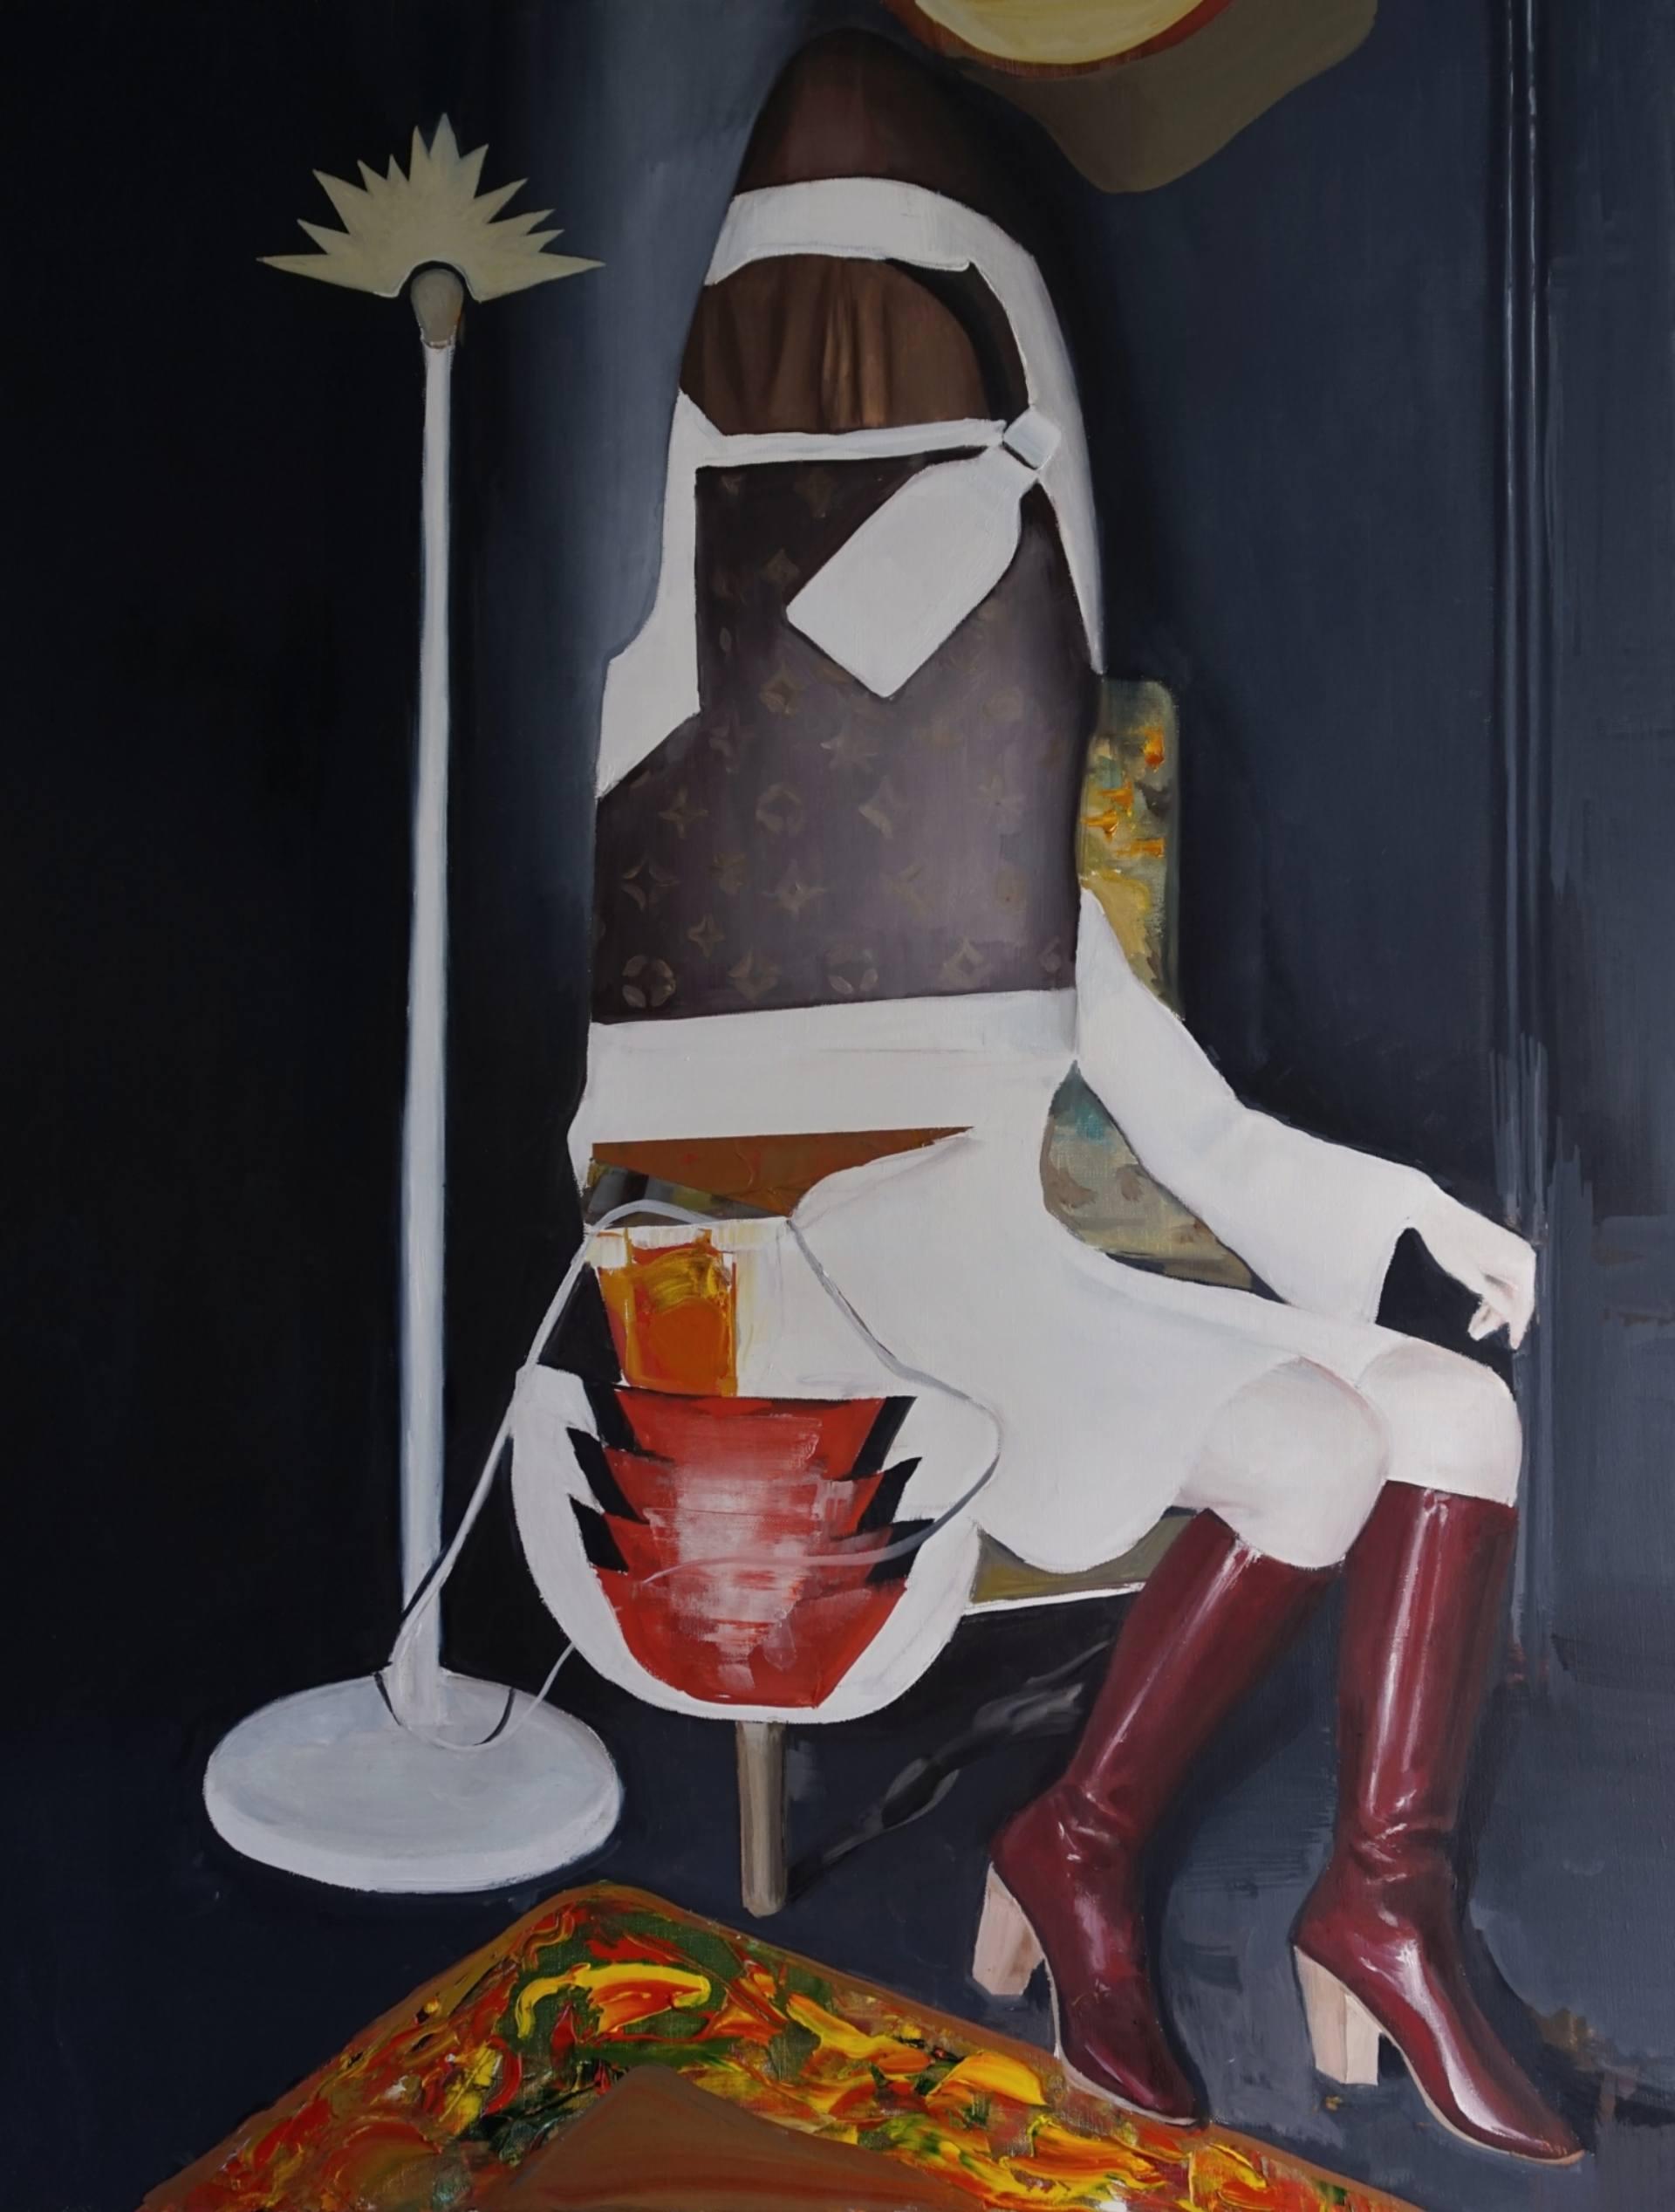 Daniel Maczynski - Girl with a bottle of milk